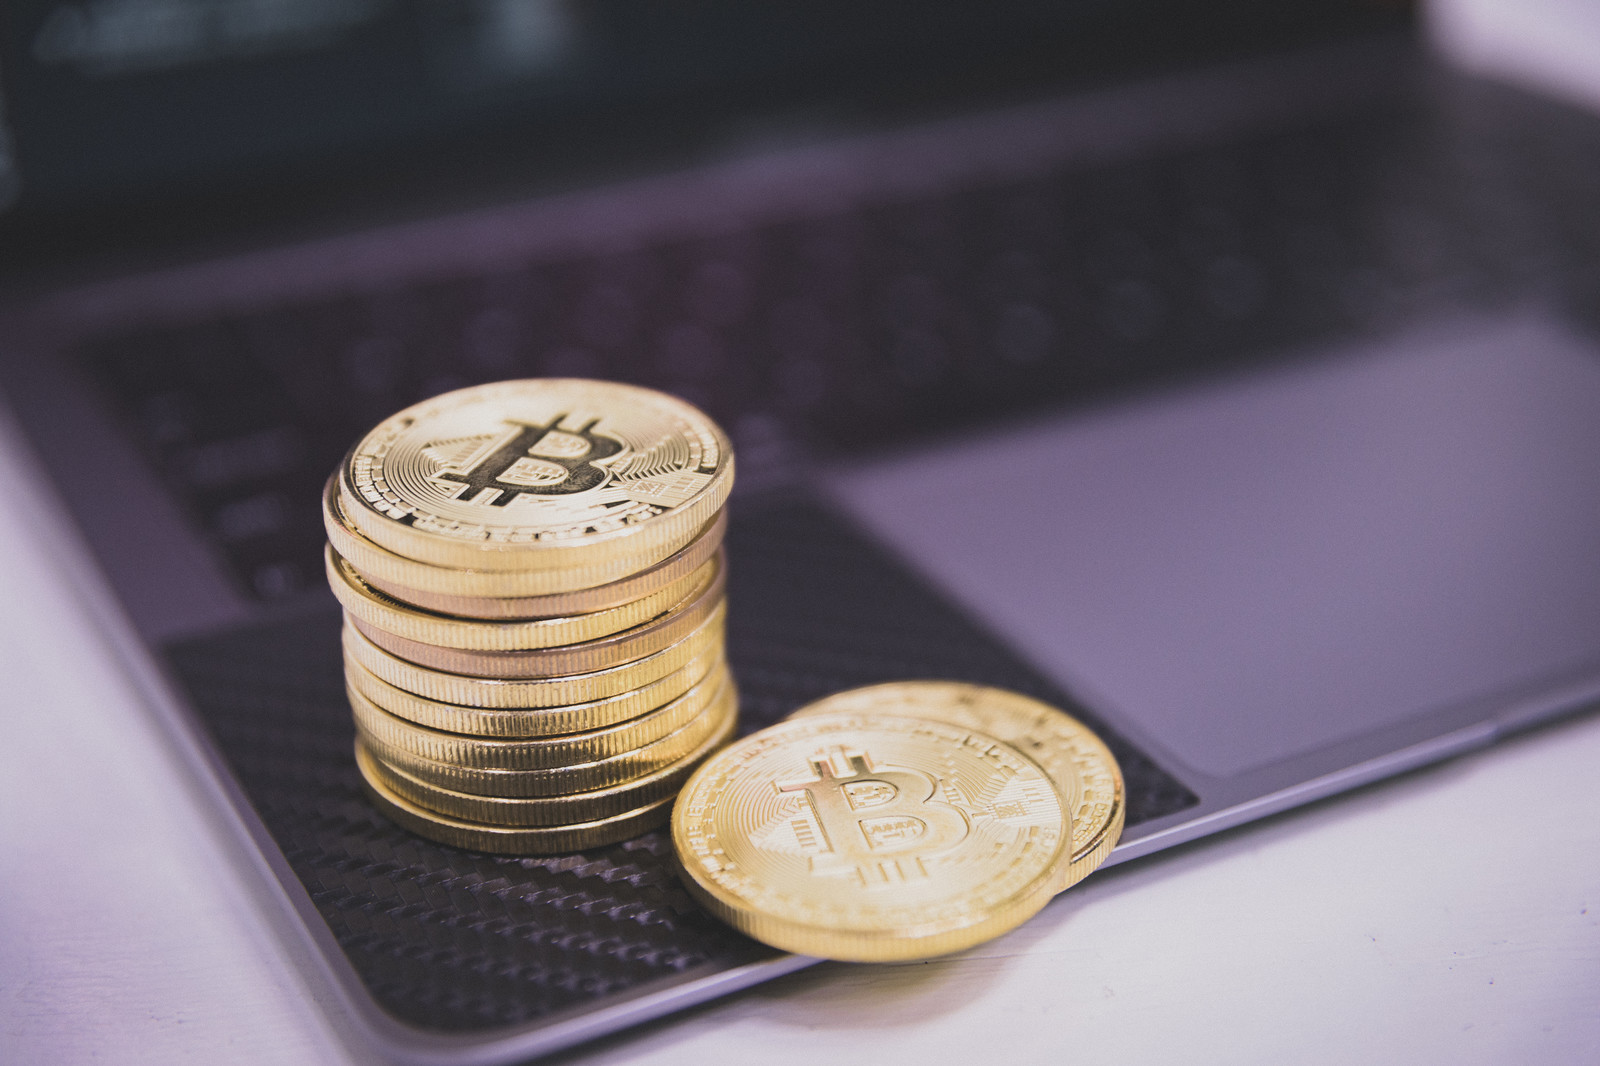 「ビットコイン(暗号資産)」の写真